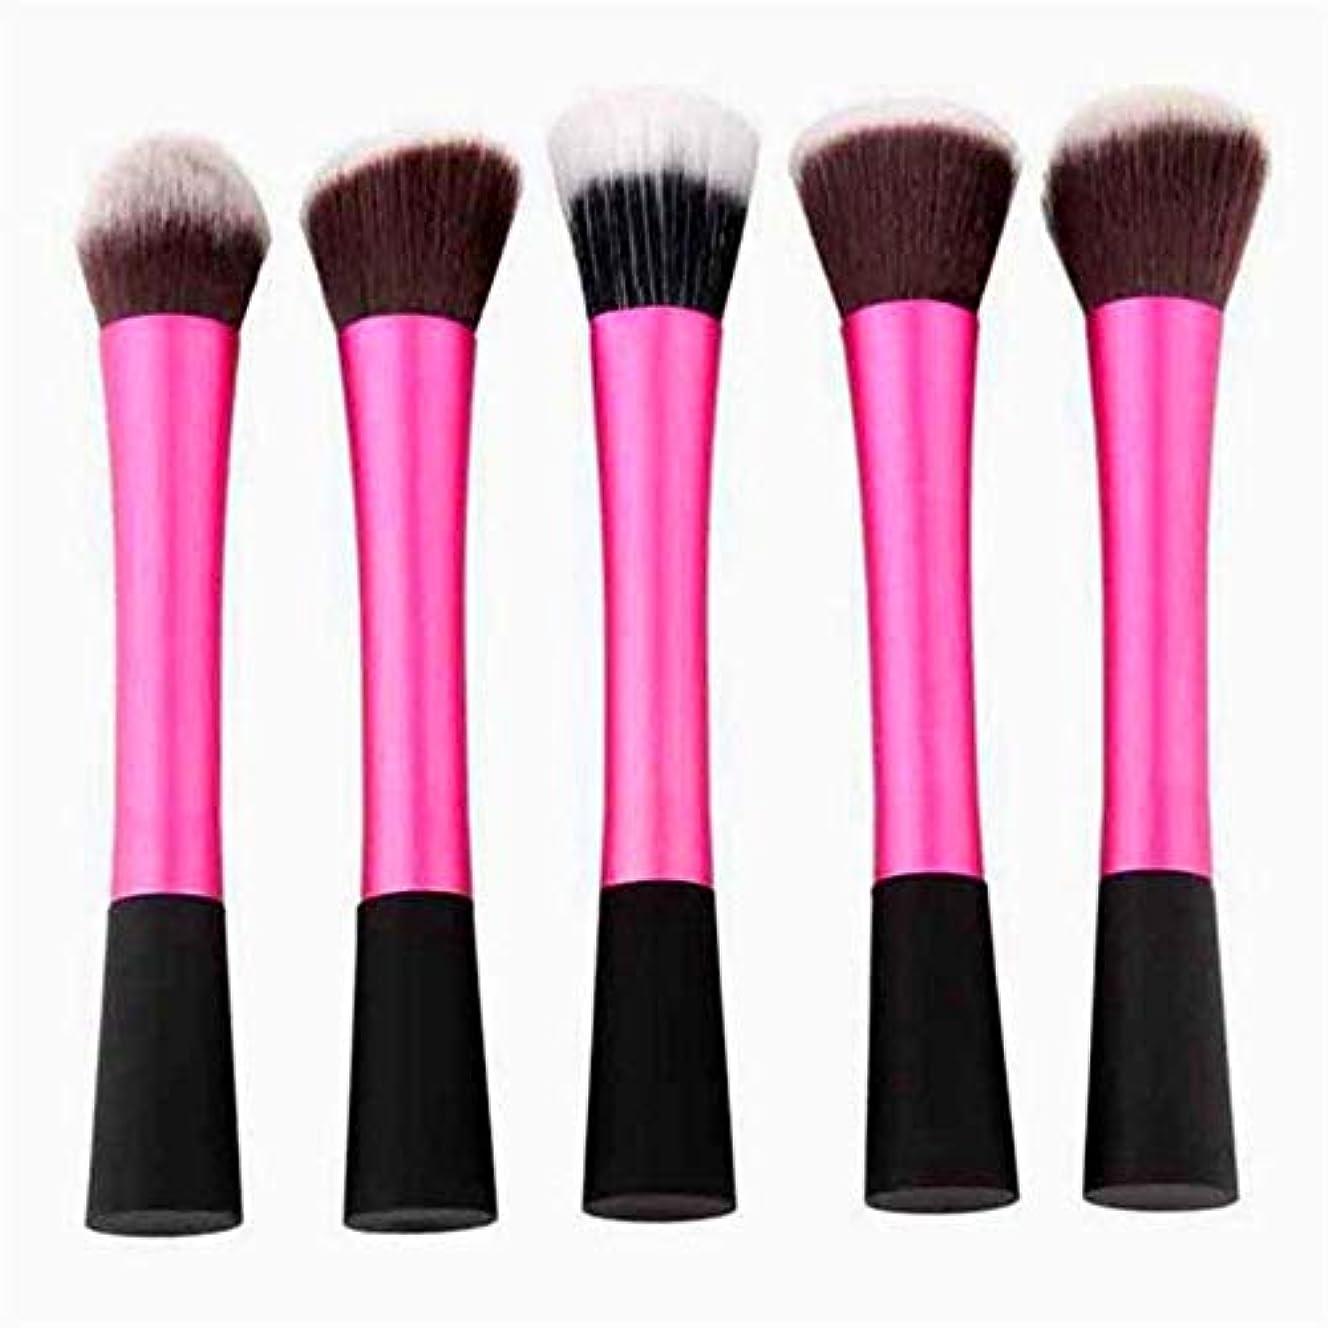 付添人気楽な地下室Makeup brushes 5ピースピンクメイクアップブラシセット熟したアイドルパウダーブラシアイシャドウブラシ輪郭ブラシ suits (Color : Pink)